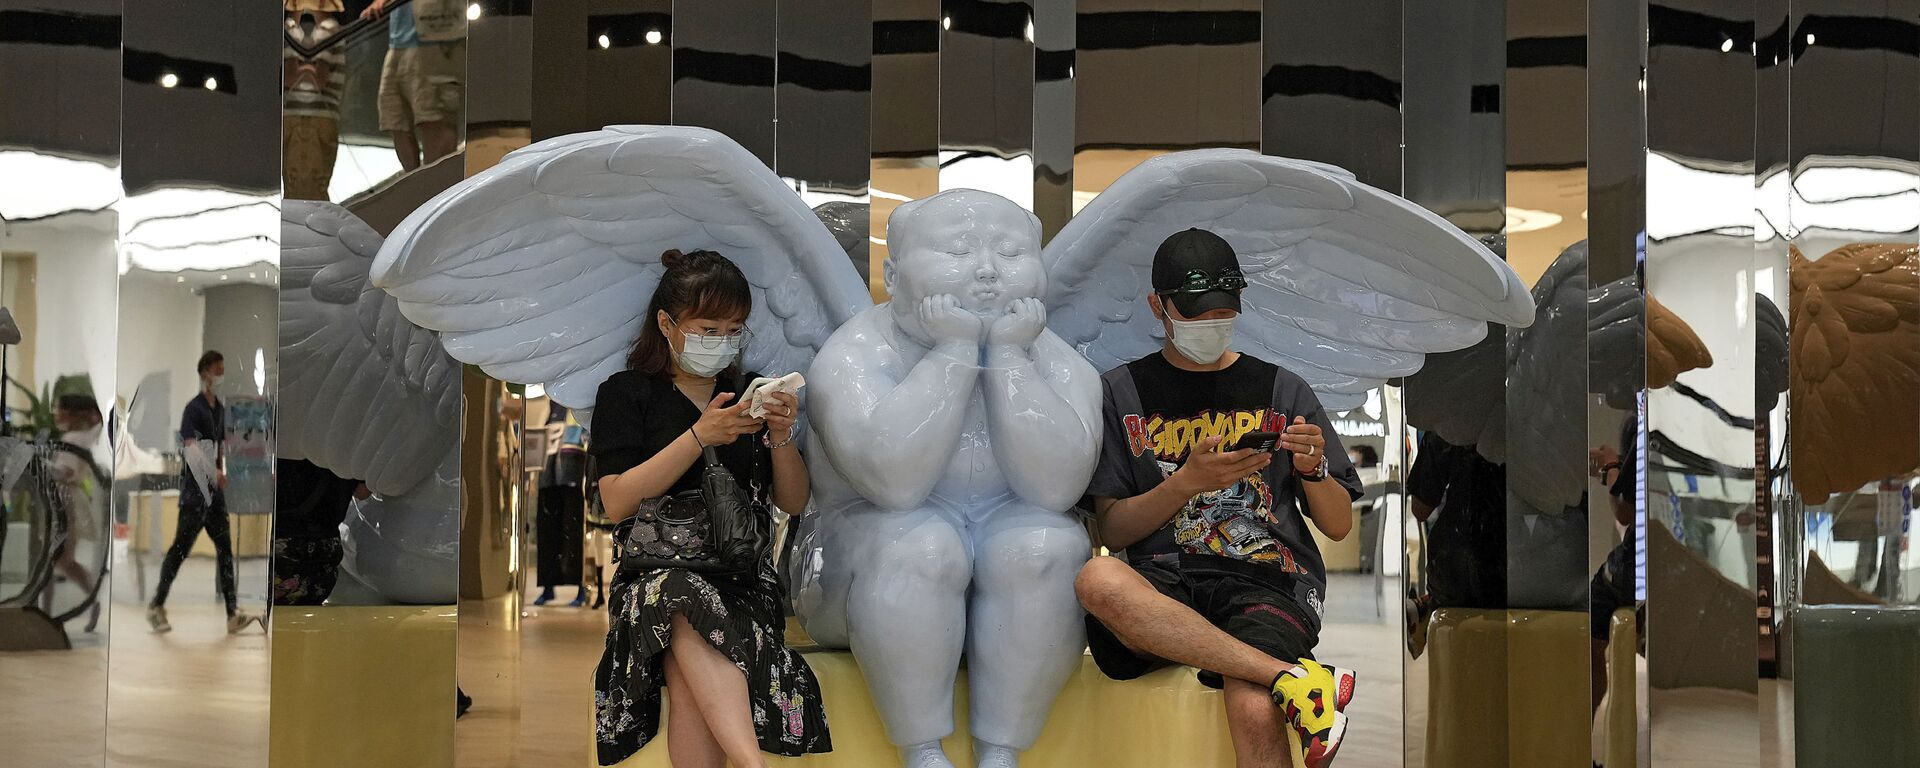 Посетители рядом со статуей ангела в торговом центре Пекина - Sputnik Italia, 1920, 09.08.2021